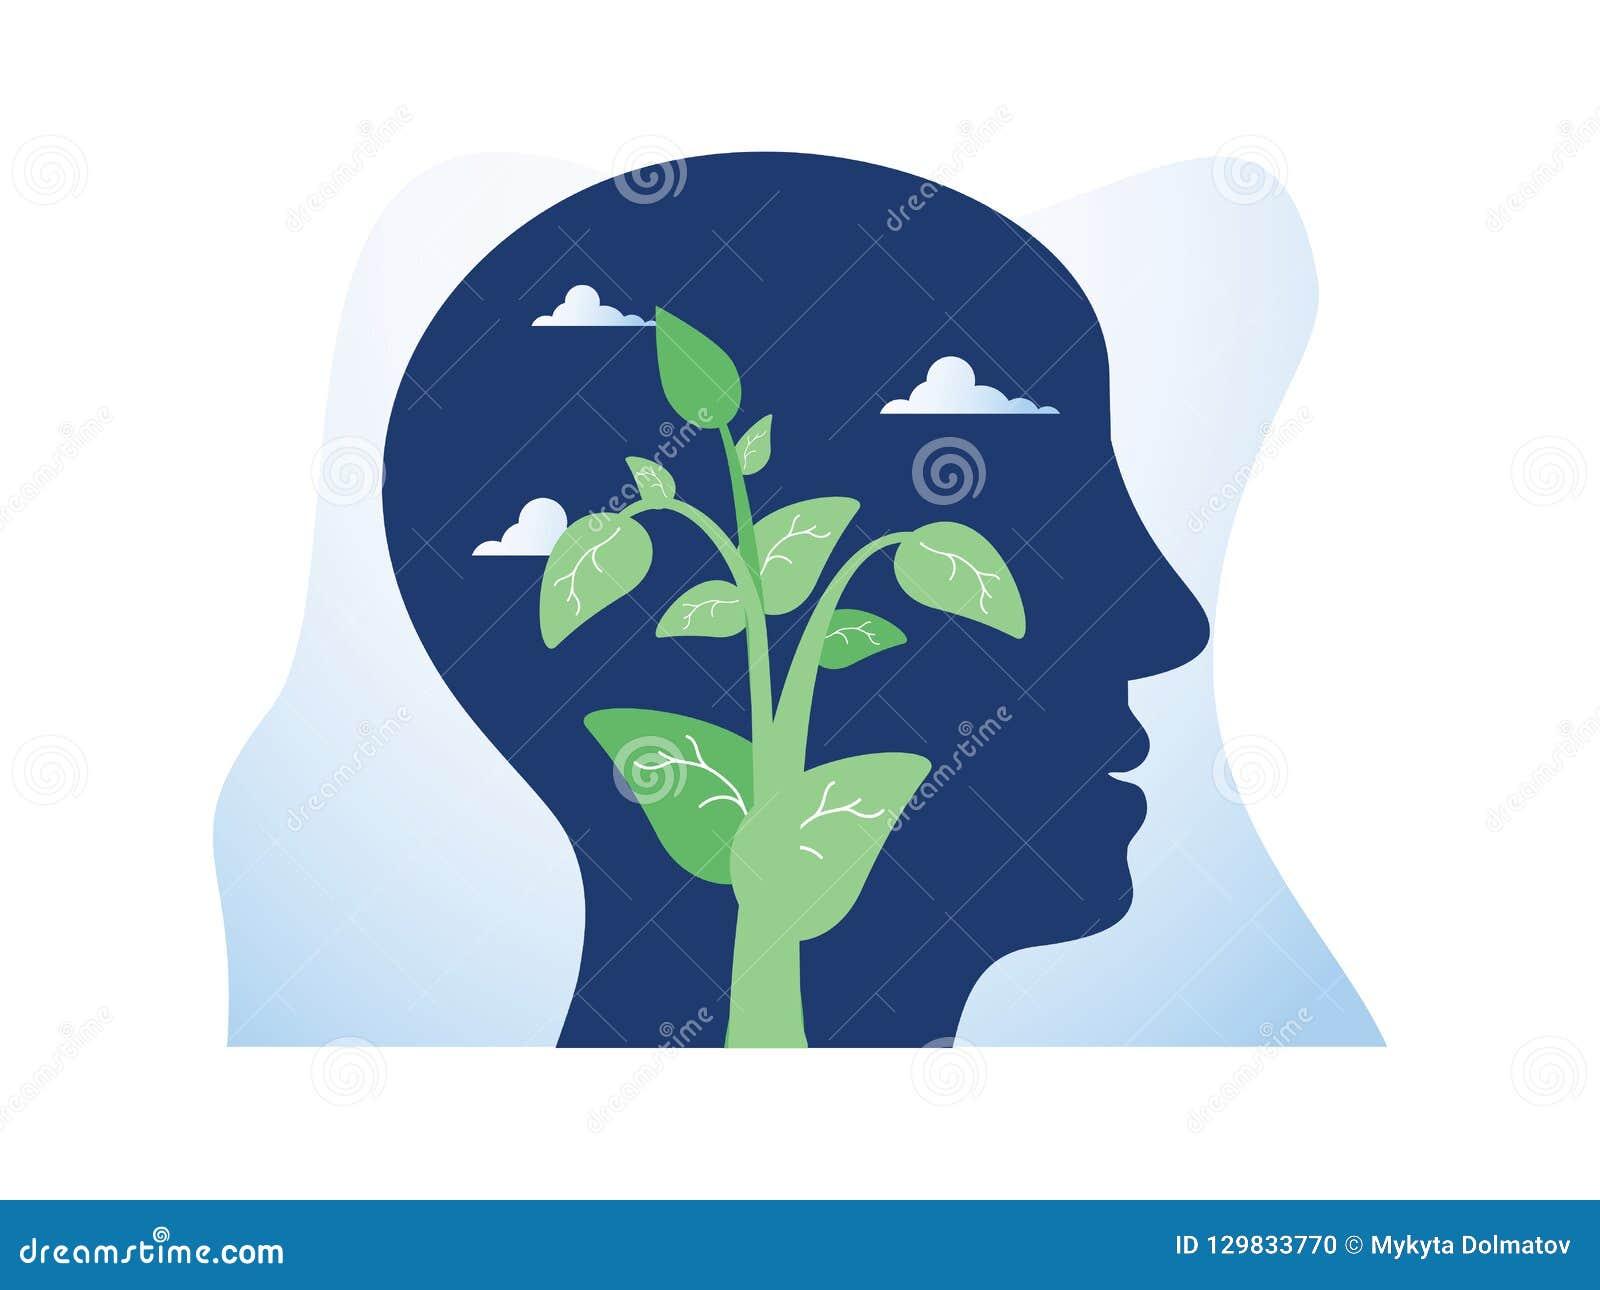 Selbstwachstum, mögliche Entwicklung, Motivation und Aspiration, psychische Gesundheit, positive Denkrichtung, Mindfulnessmeditat